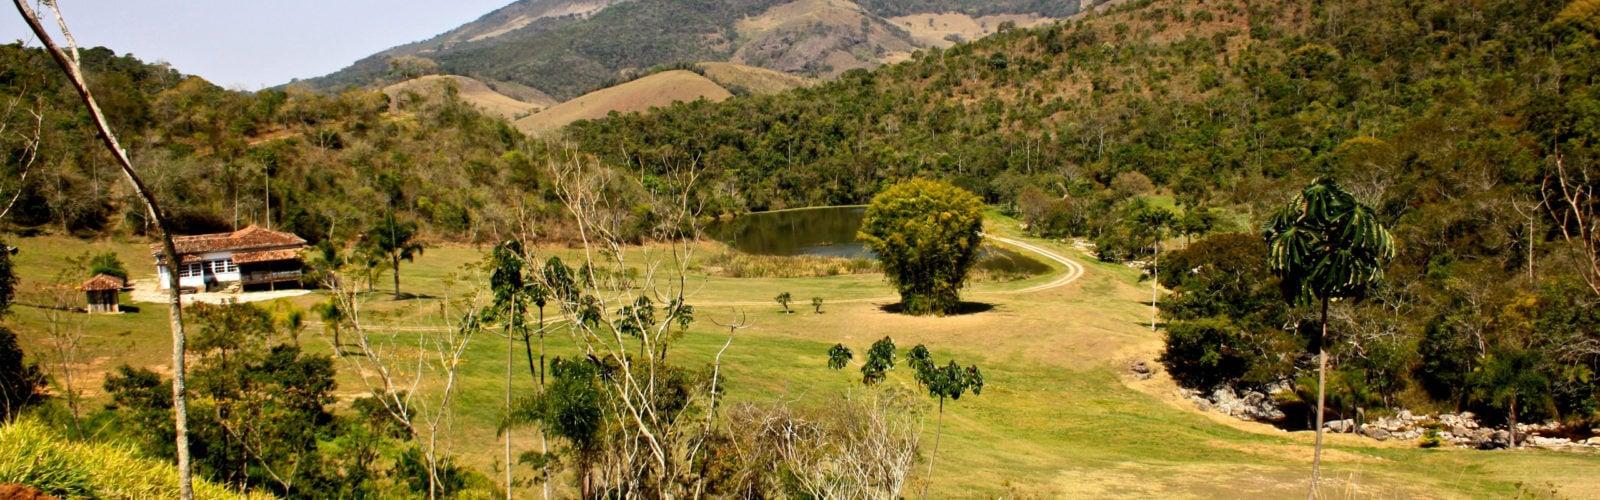 ibitipoca-reserve